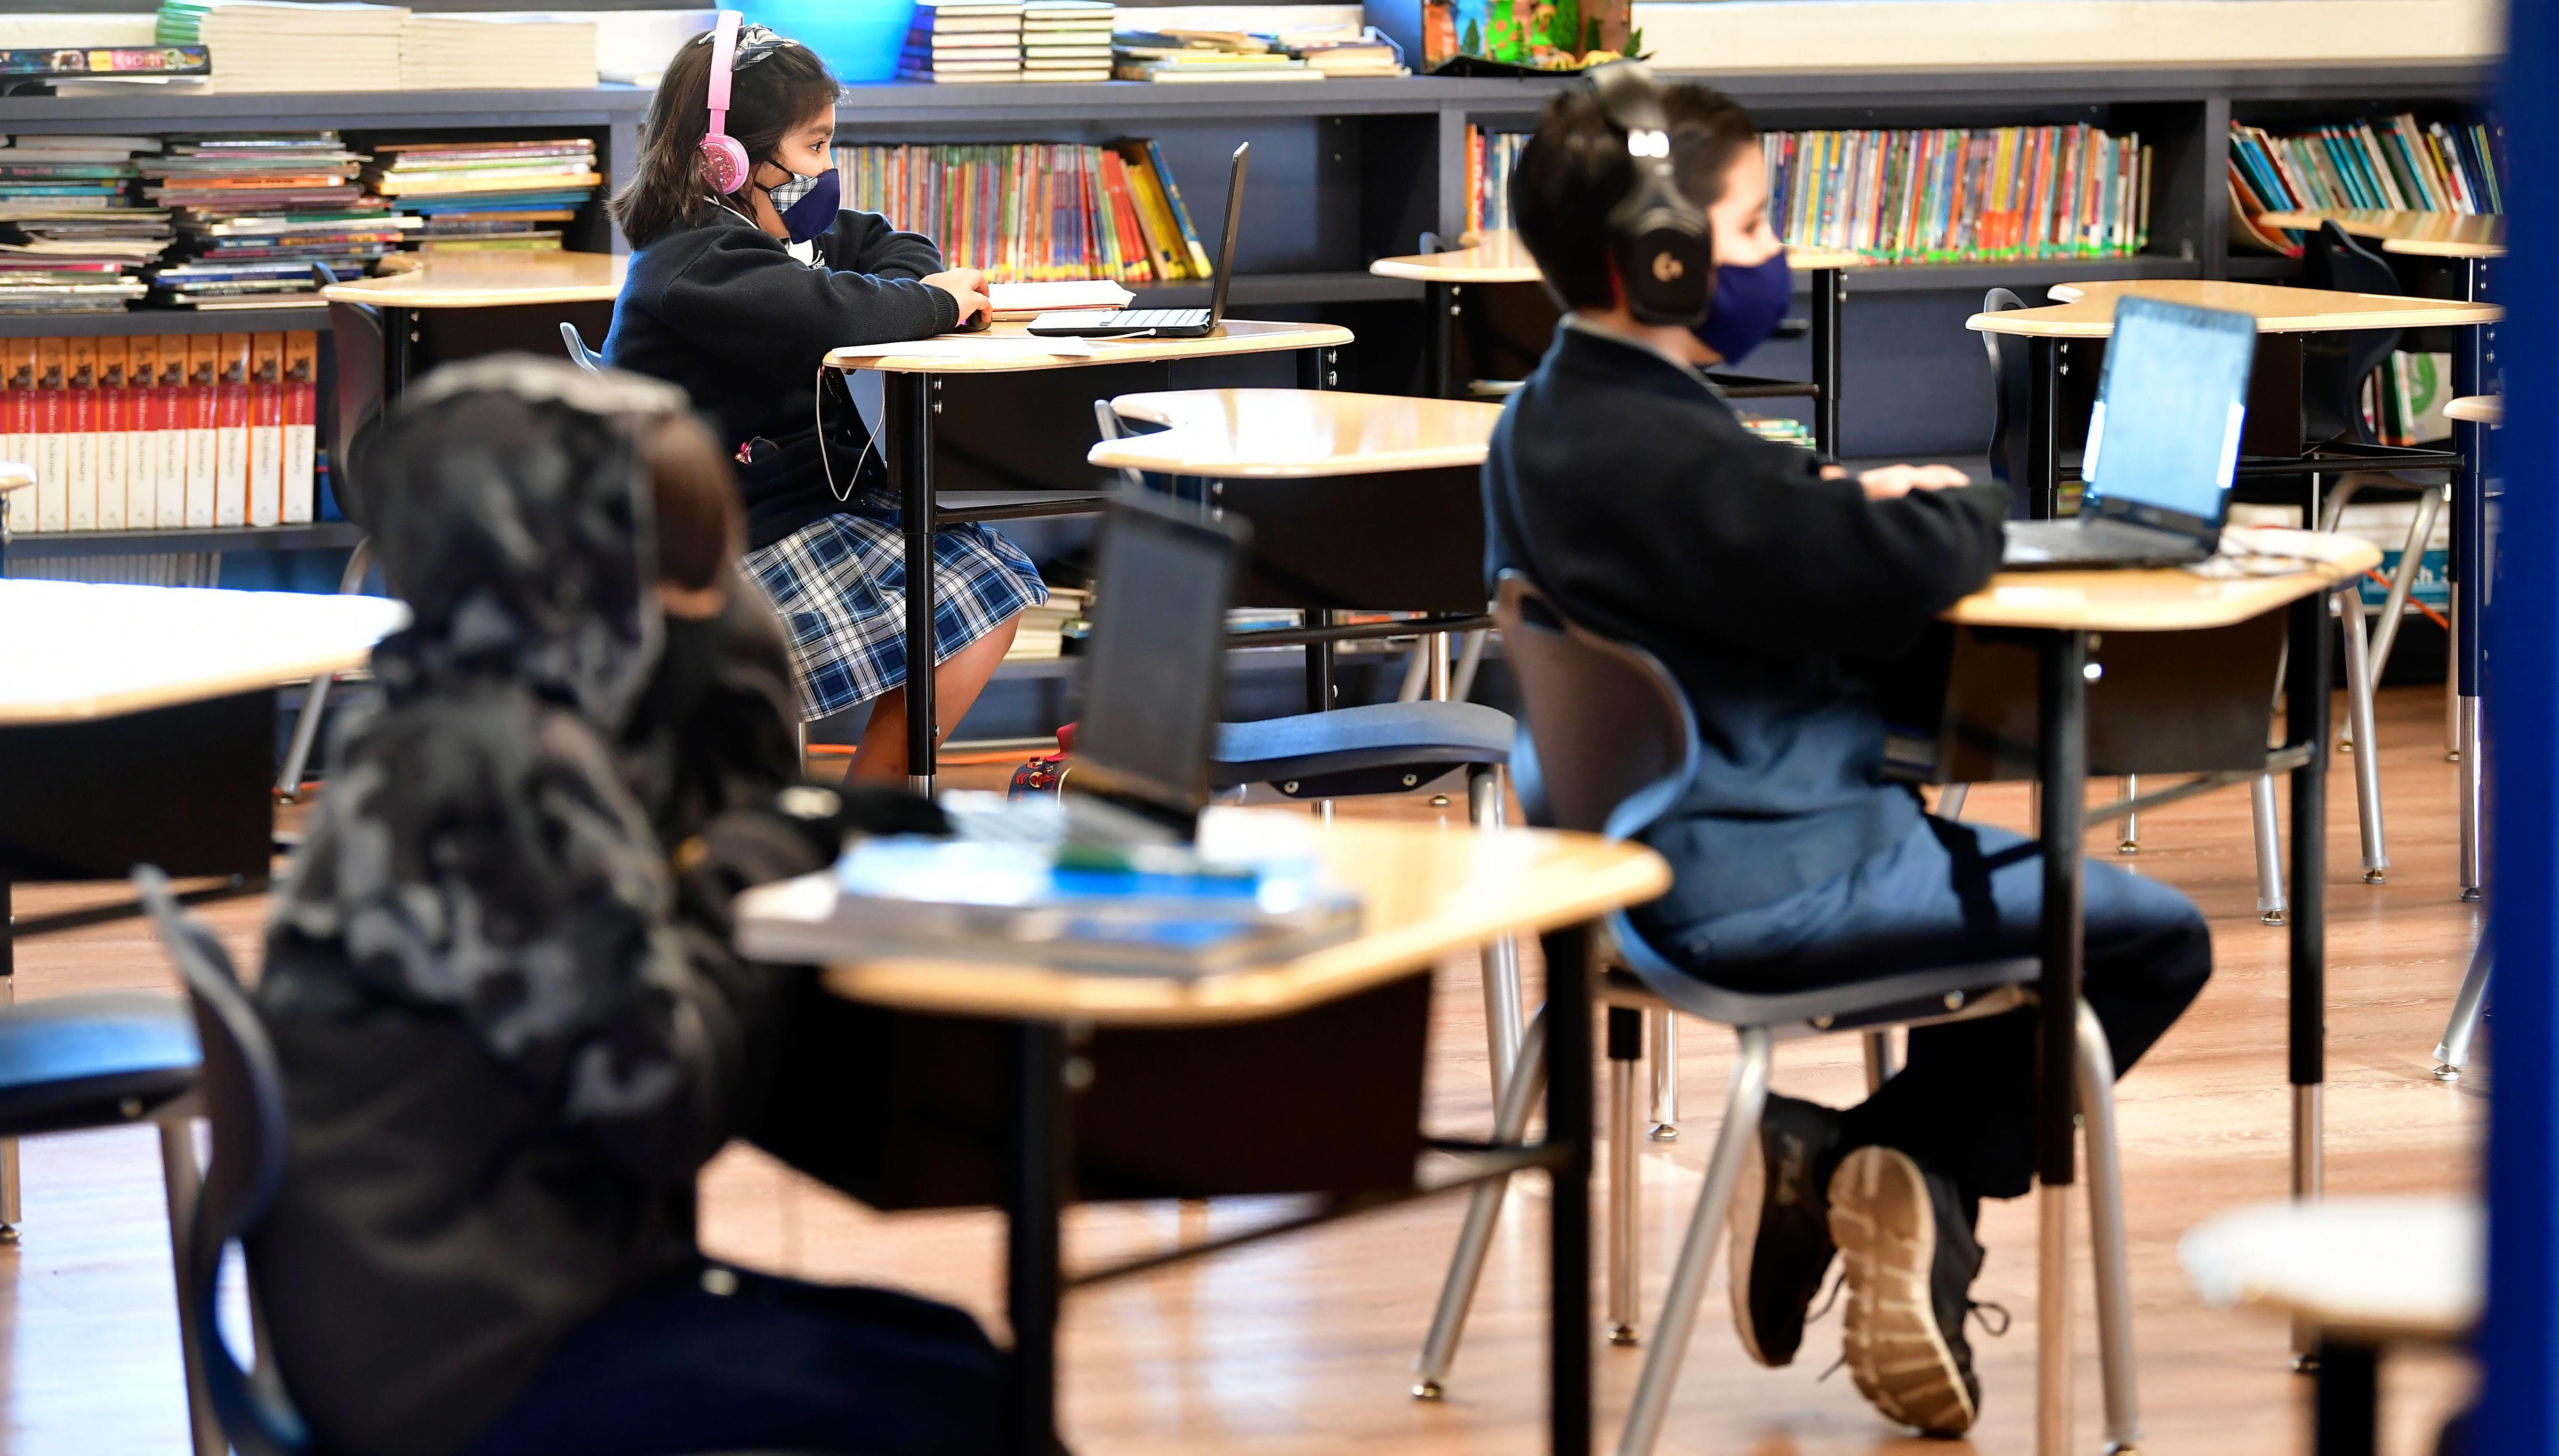 Niños en clase en un colegio de California, EEUU.